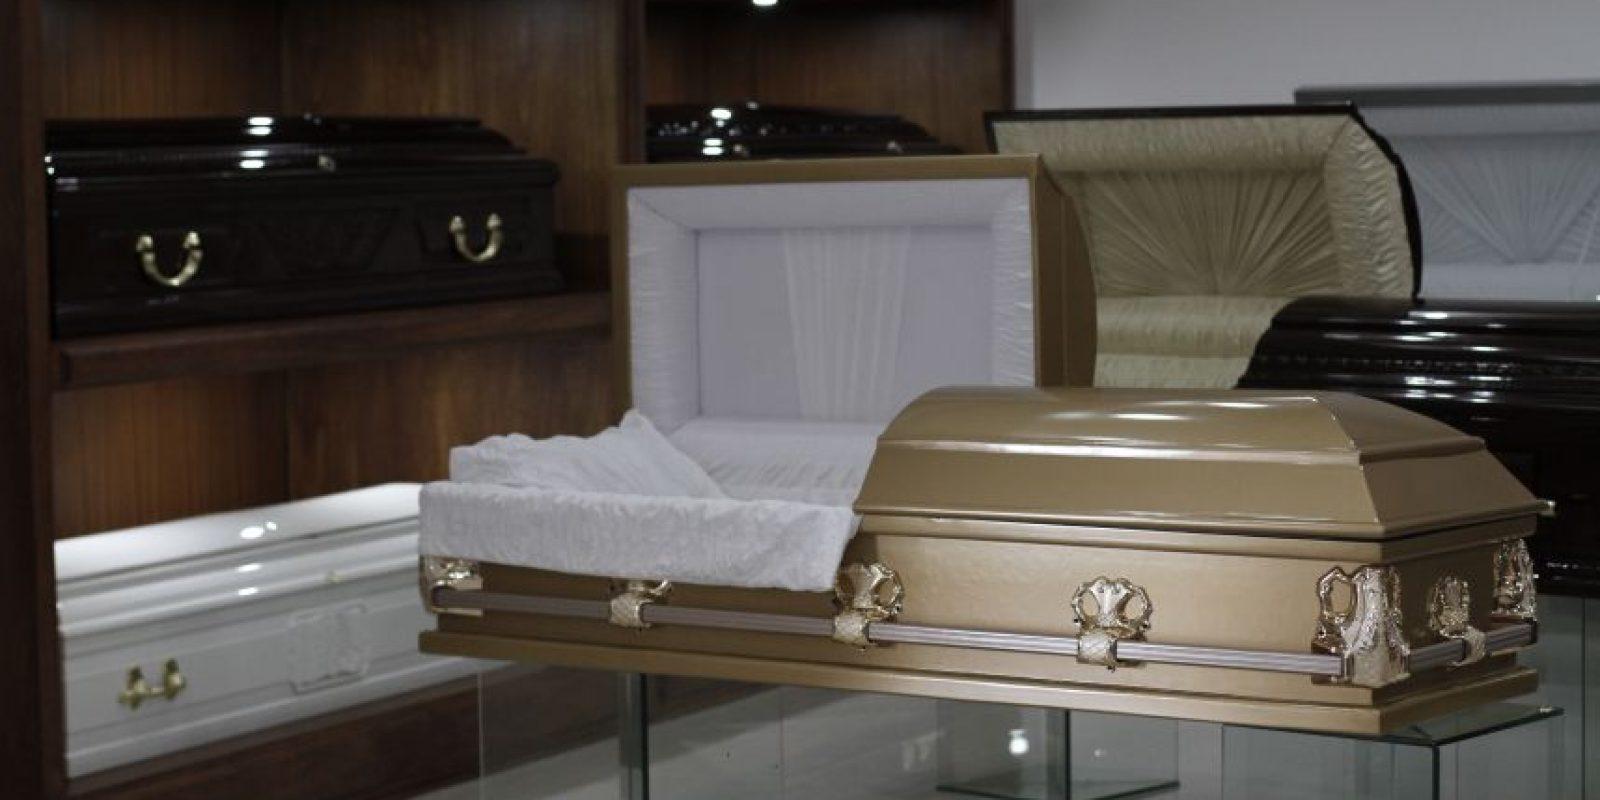 República Dominicana fue elegido el peor país para morirse según un reciente estudio. Foto:Roberto Guzmán